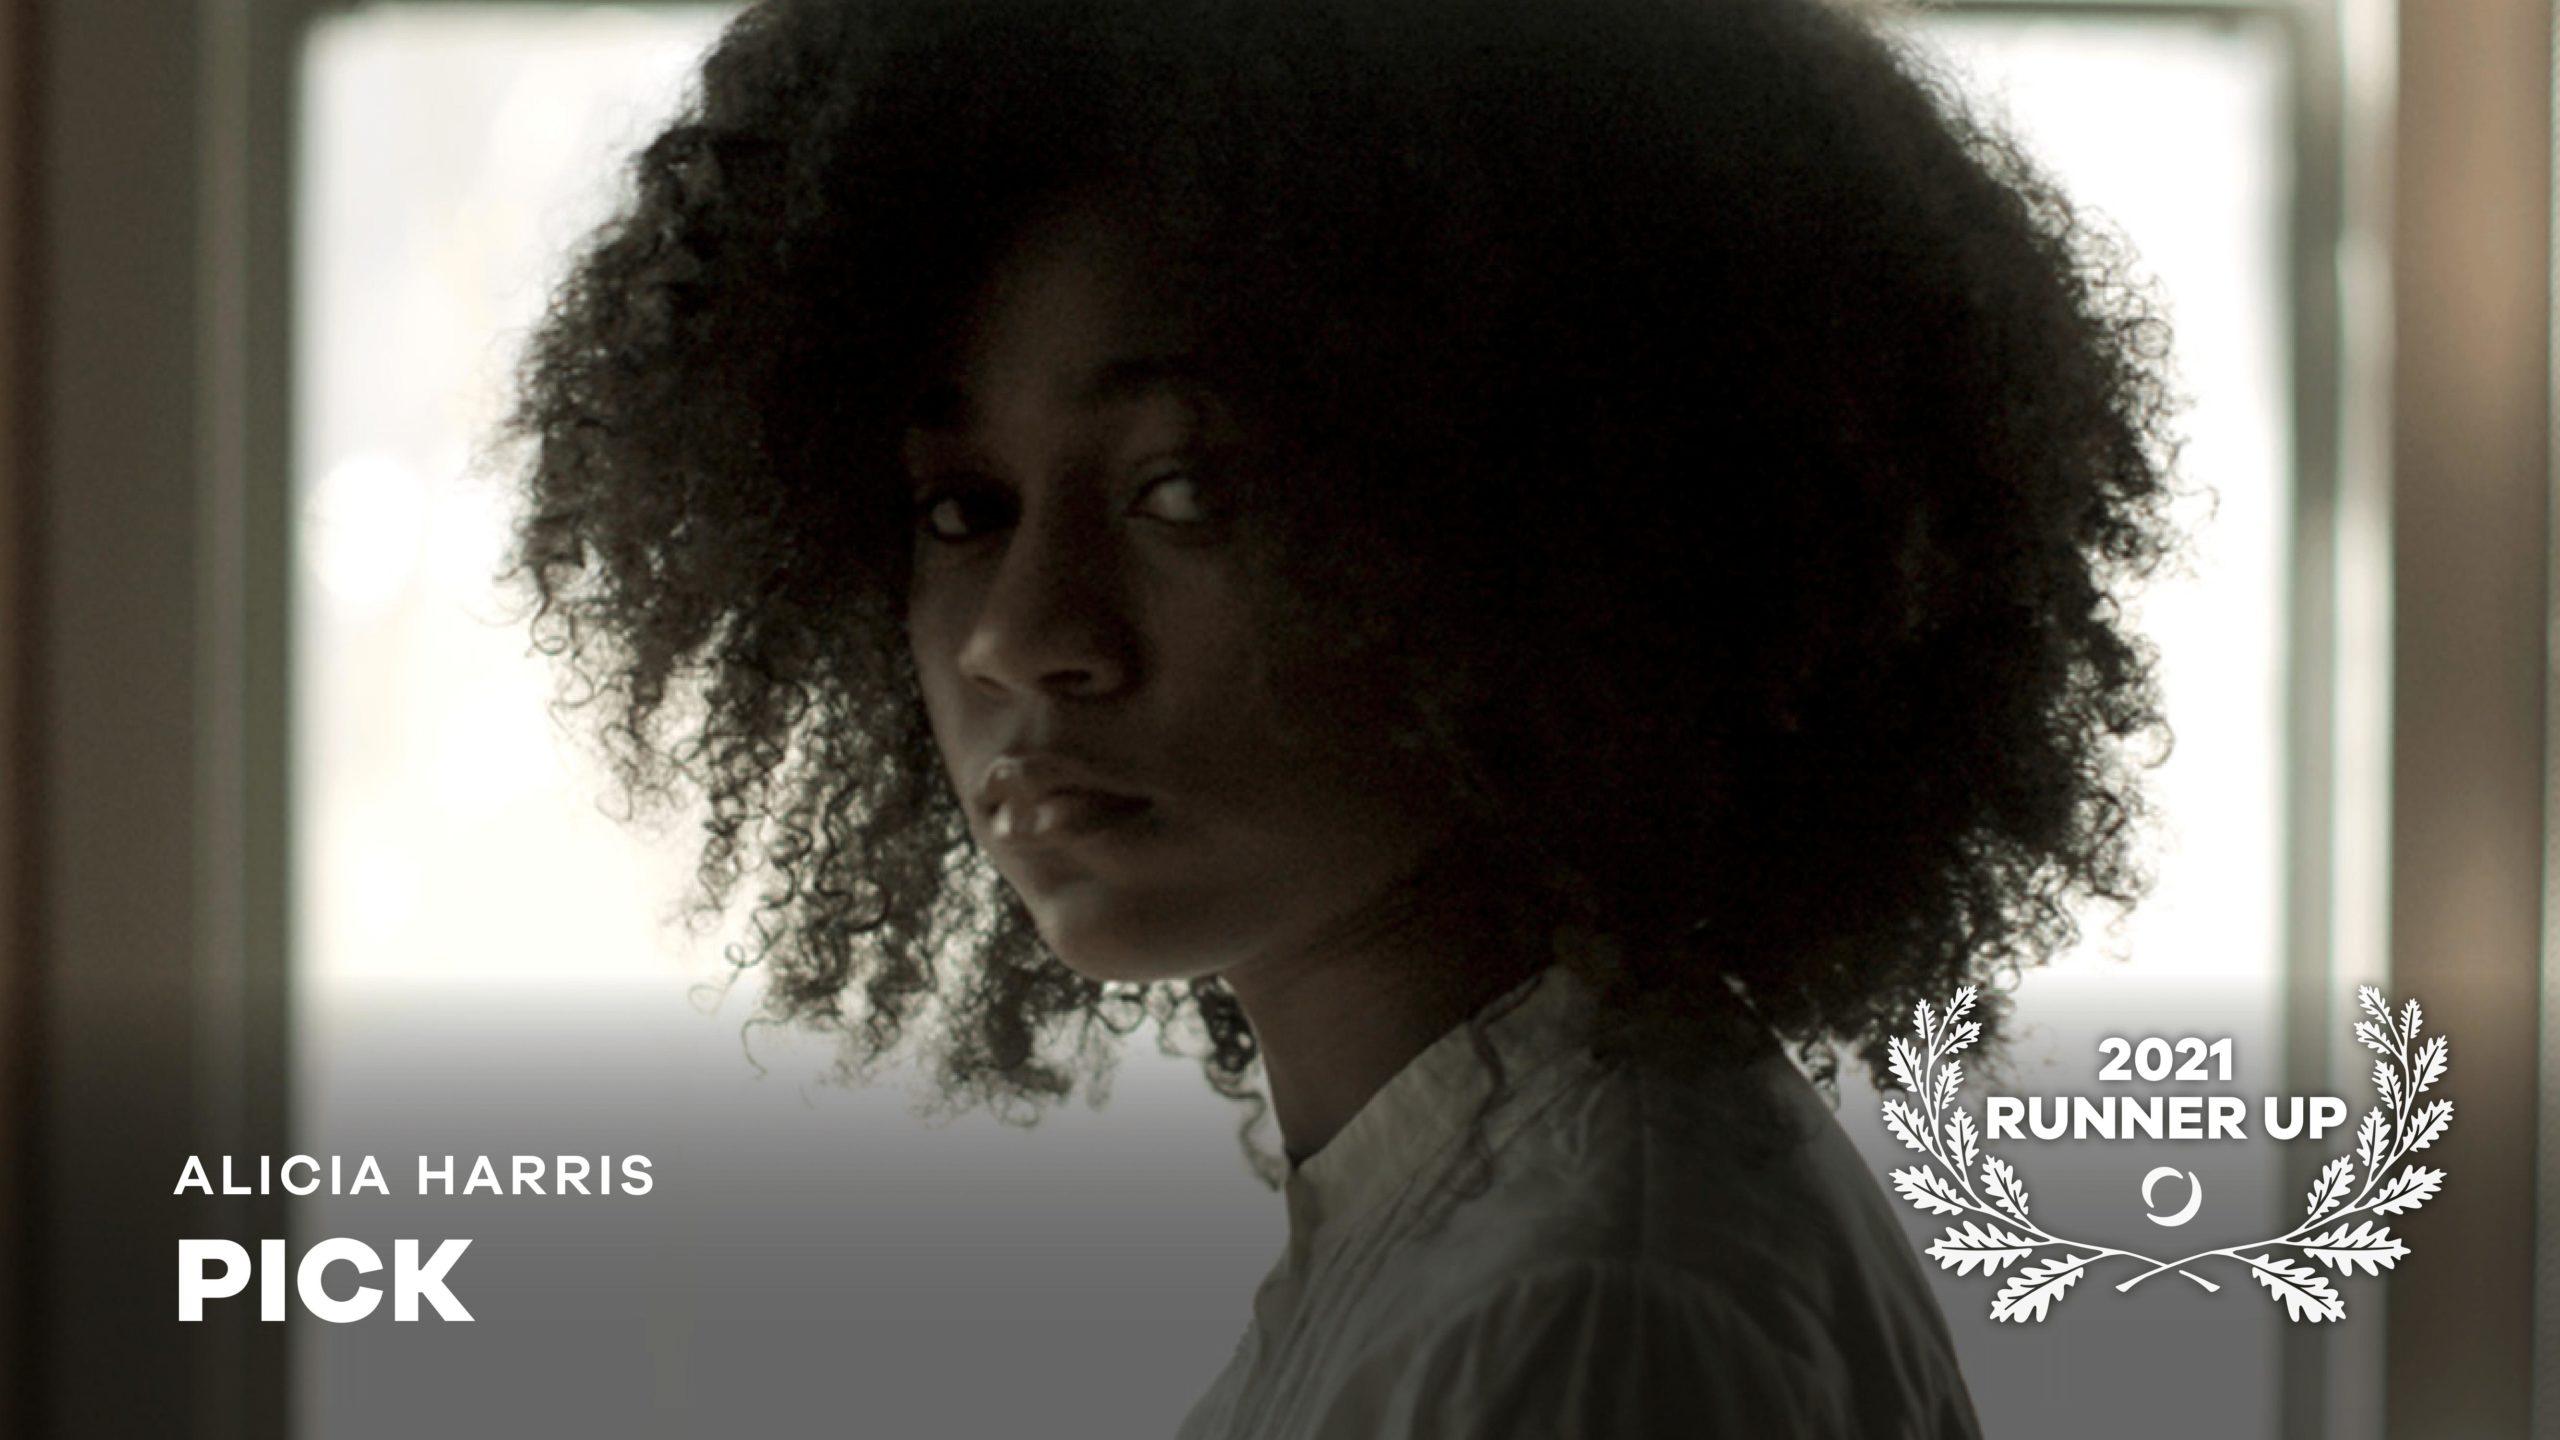 OFFA 2021 Best Canadian Short Film Runner Up